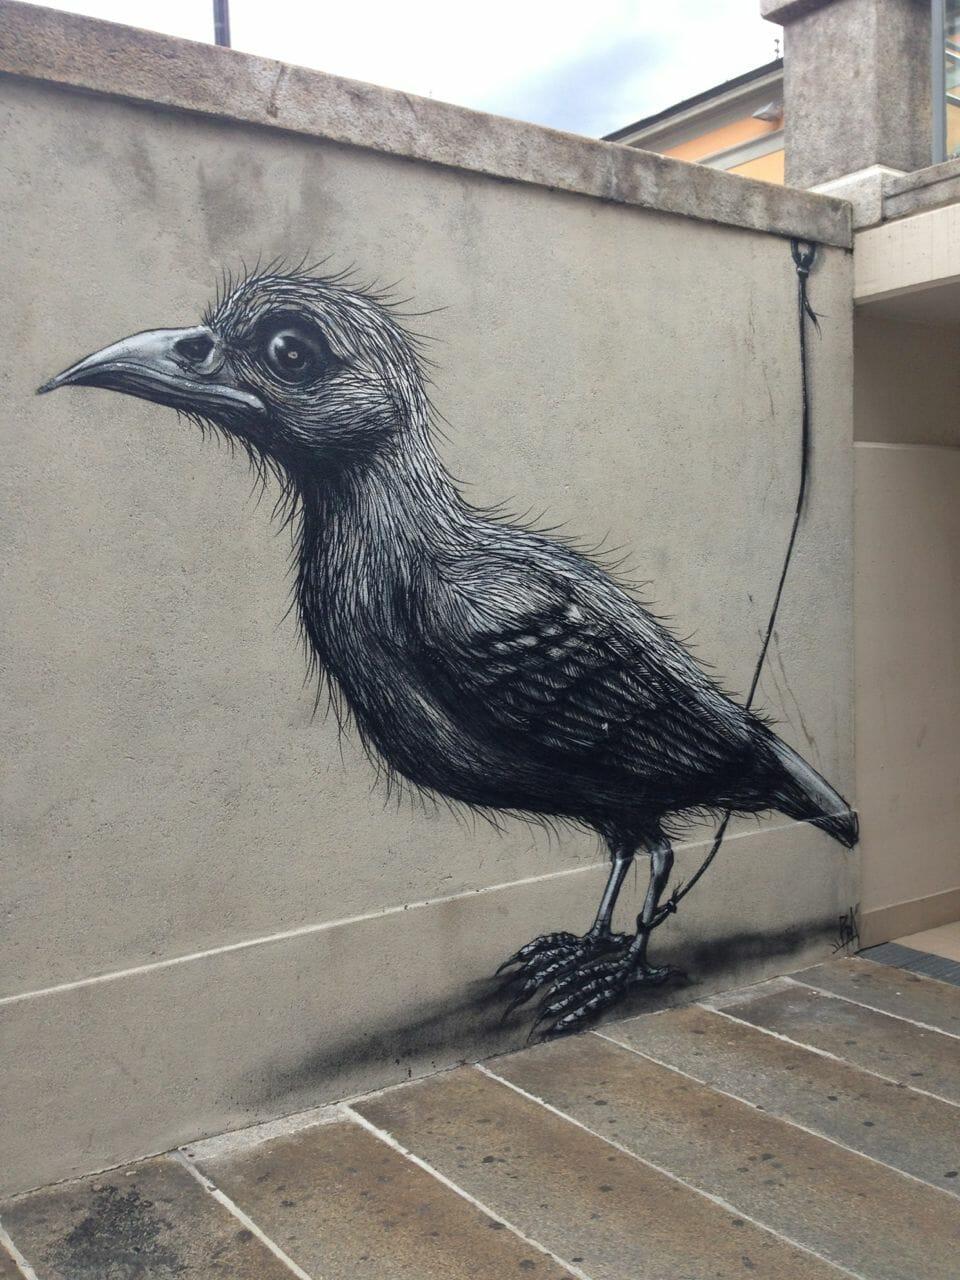 Graffiti in the Lecco train station.